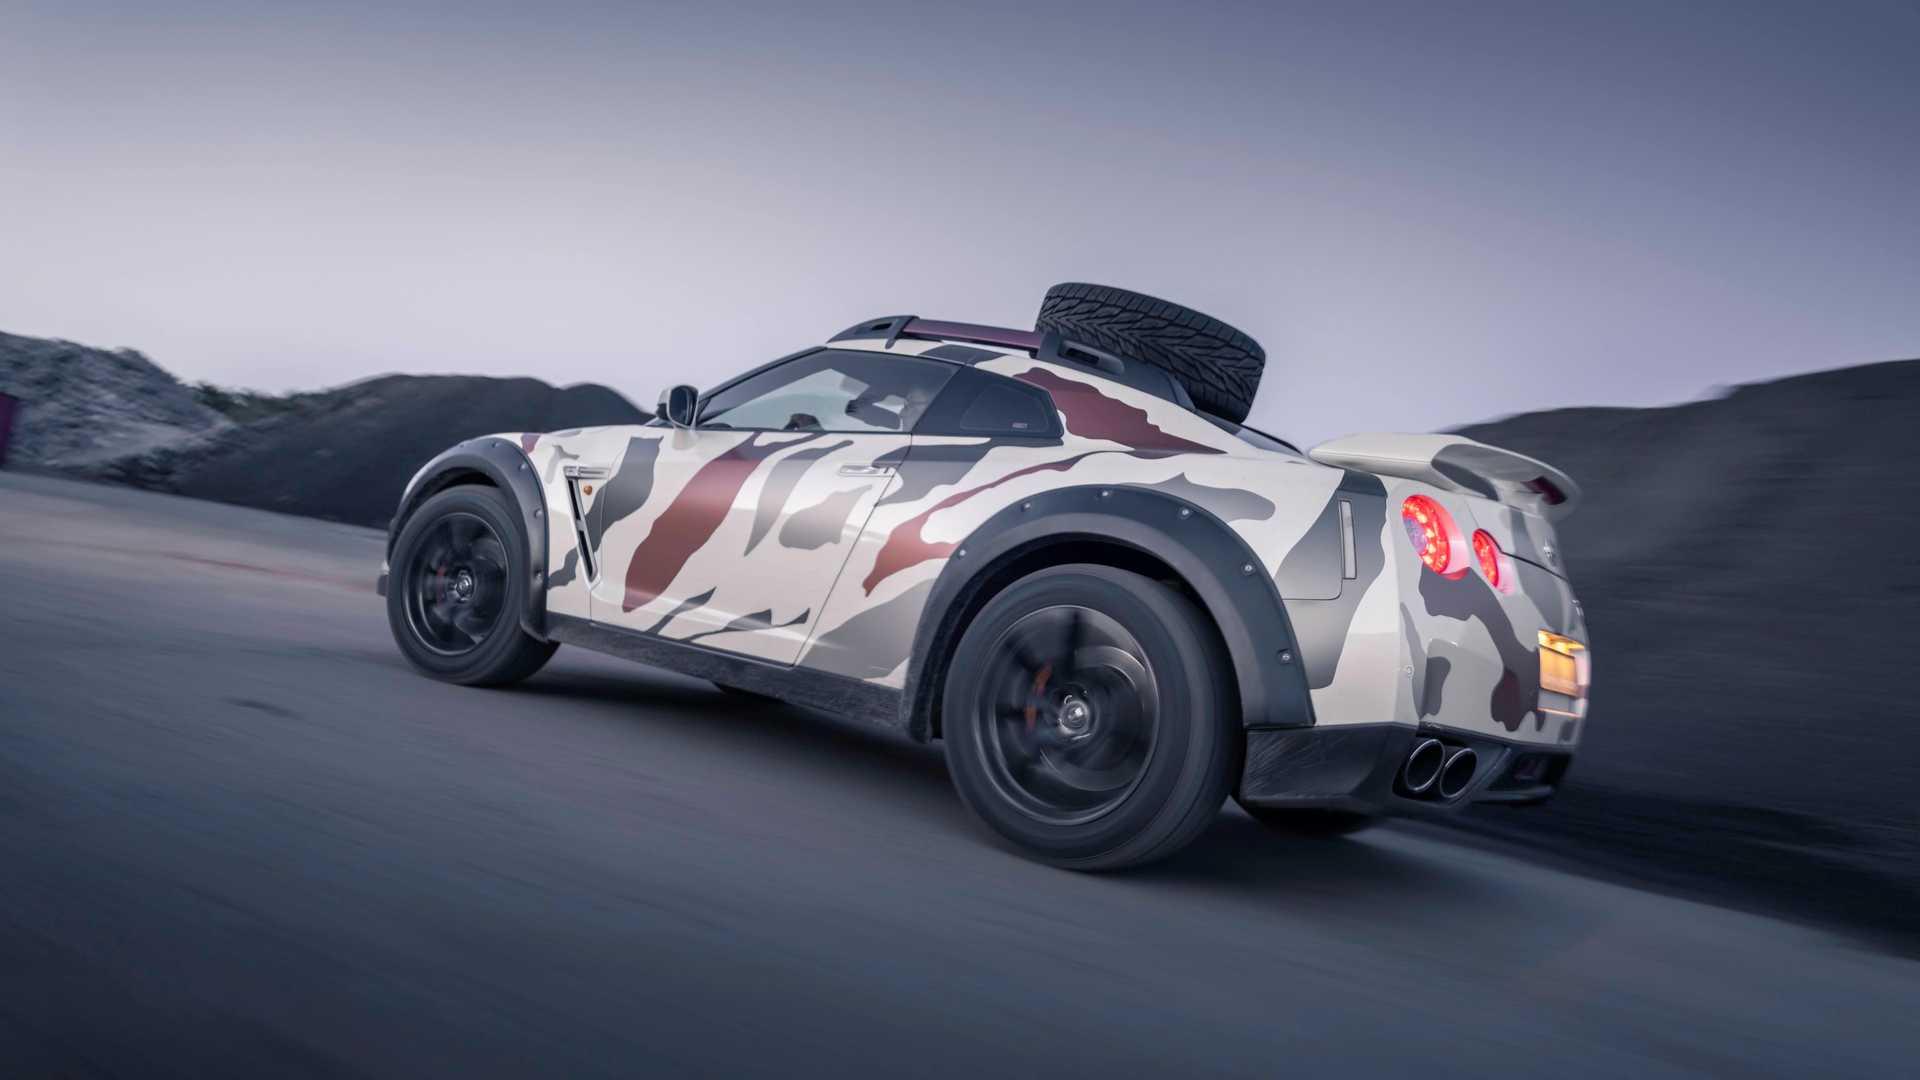 Nissan-GT-R-Offroad-Godzilla-2.0-5